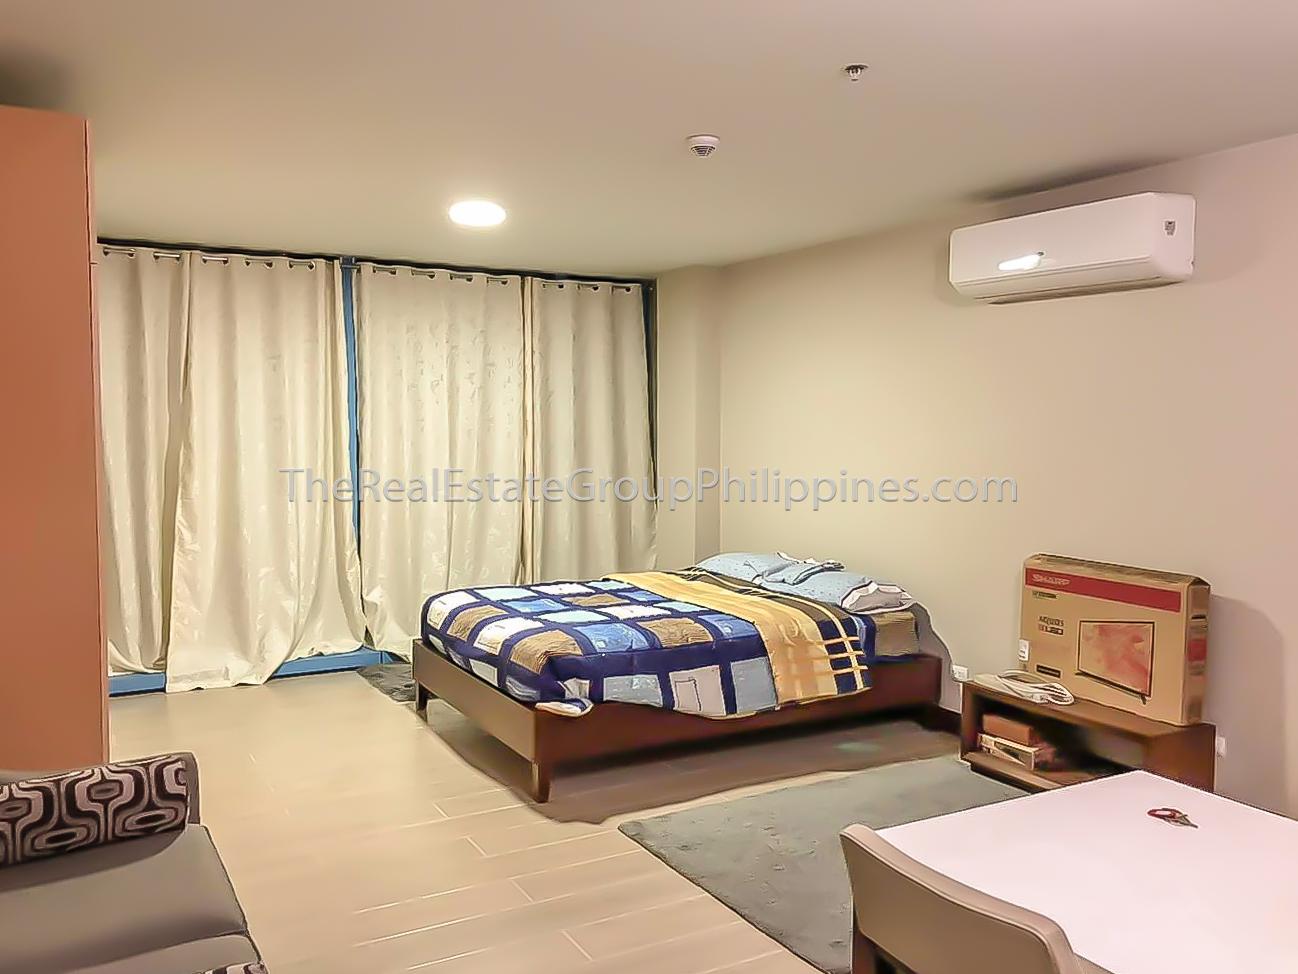 Studio Condo For Rent Lease Sale Three Central Salcedo Village Makati-2